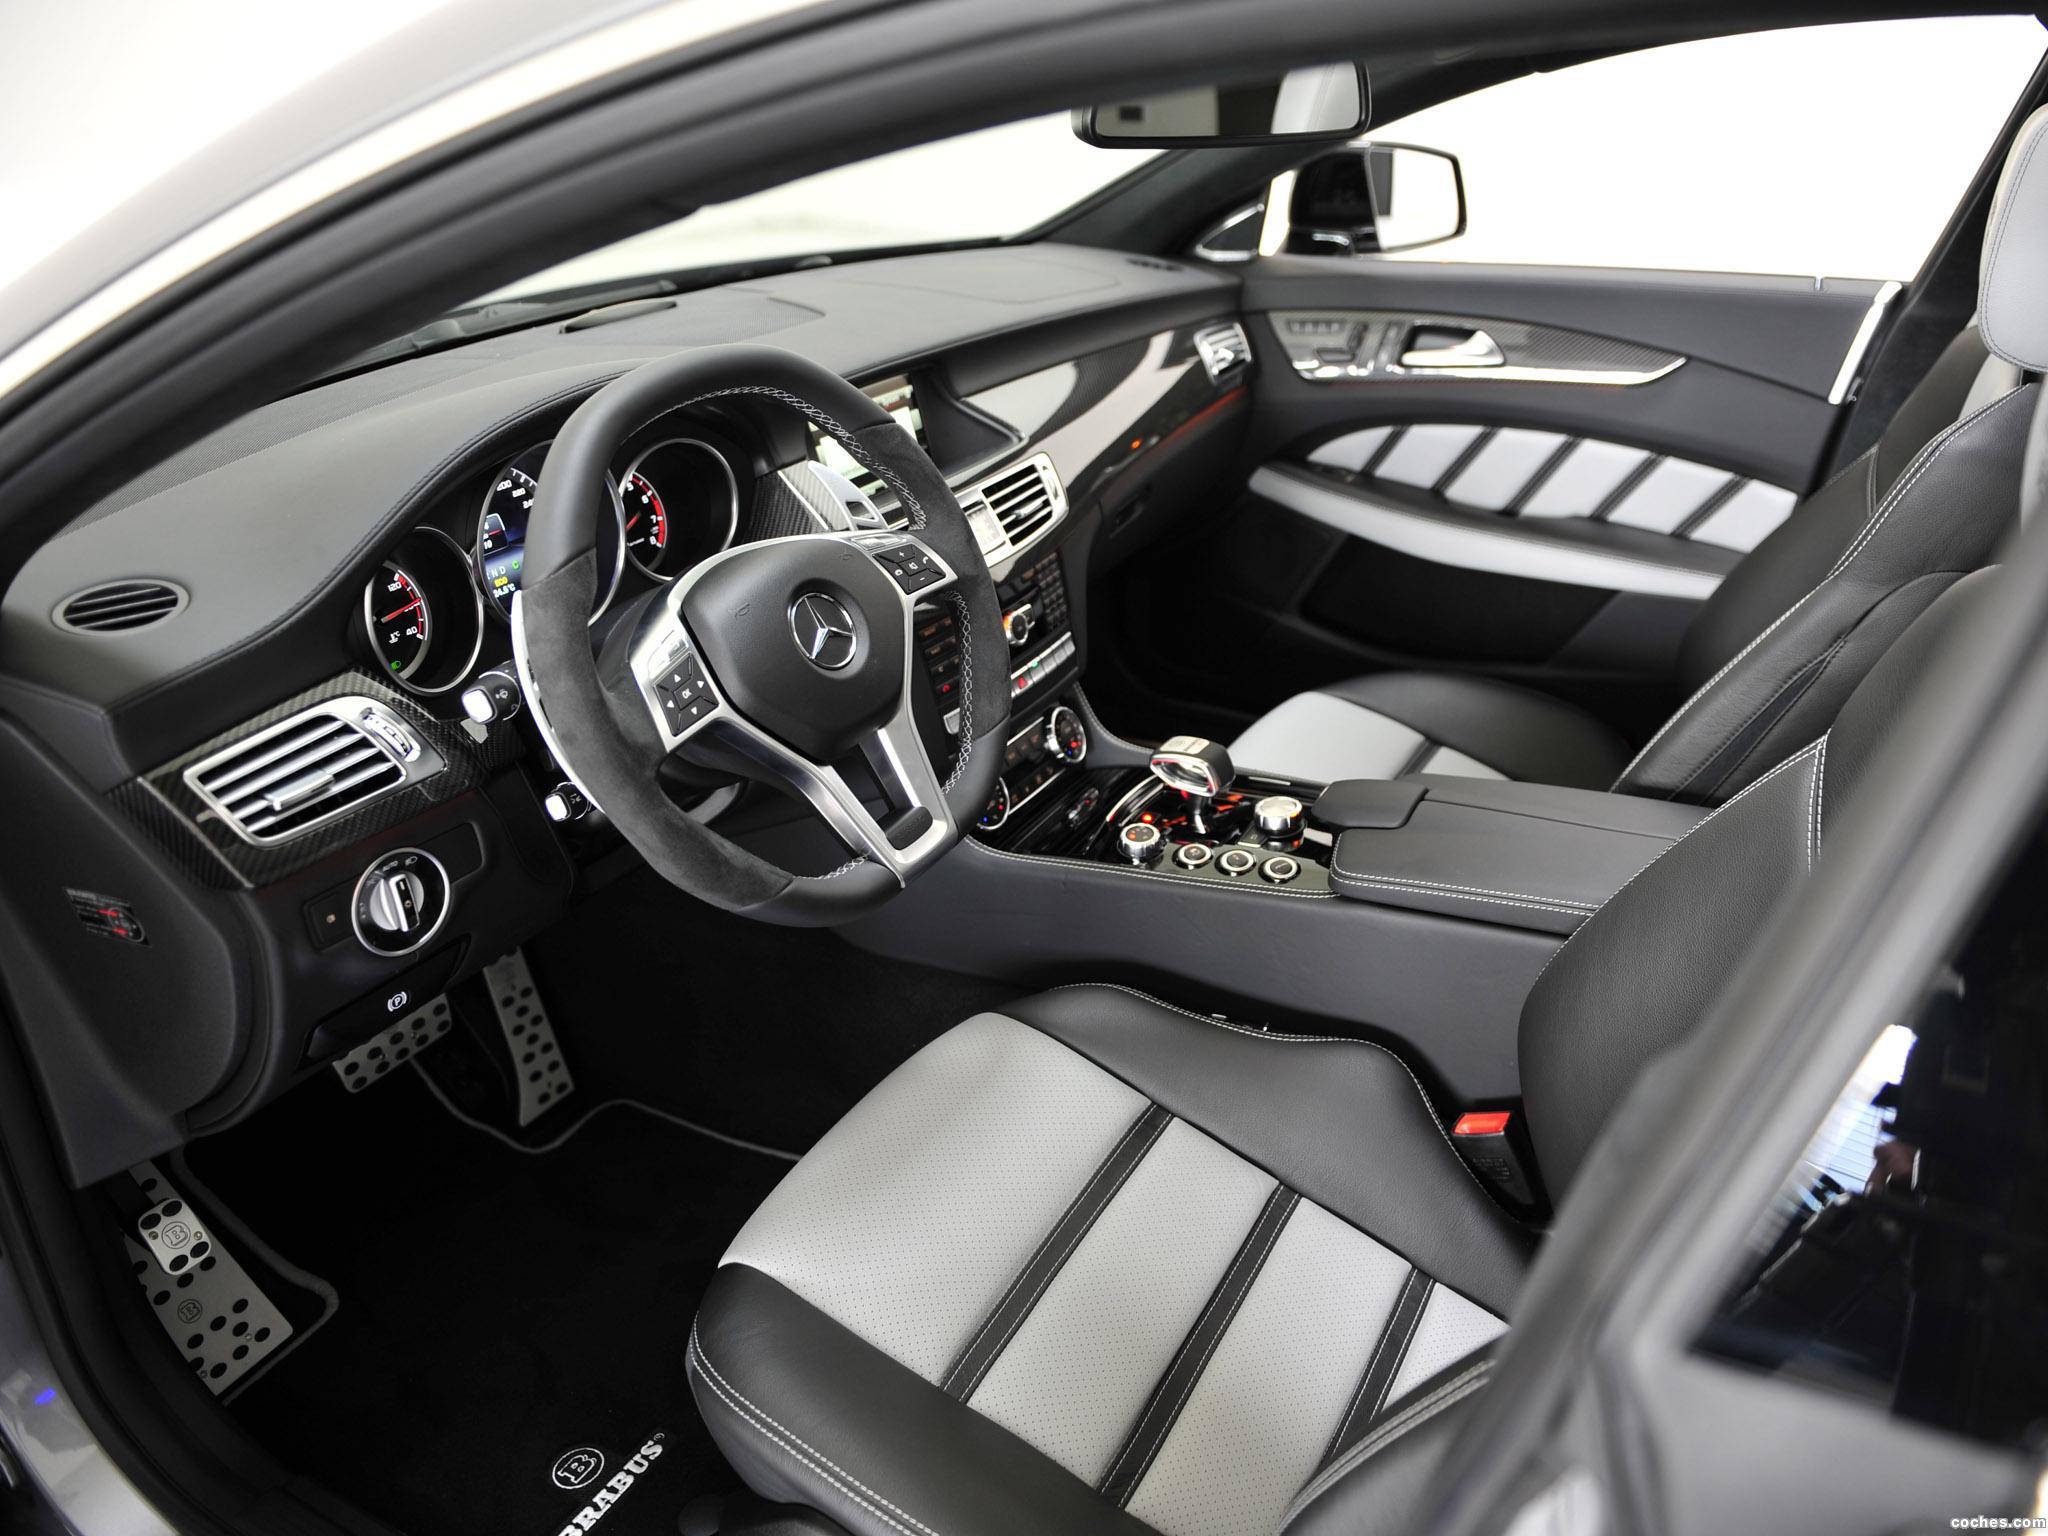 Foto 13 de Mercedes Brabus CLS Shooting Brake 850 6.0 Biturbo 2013